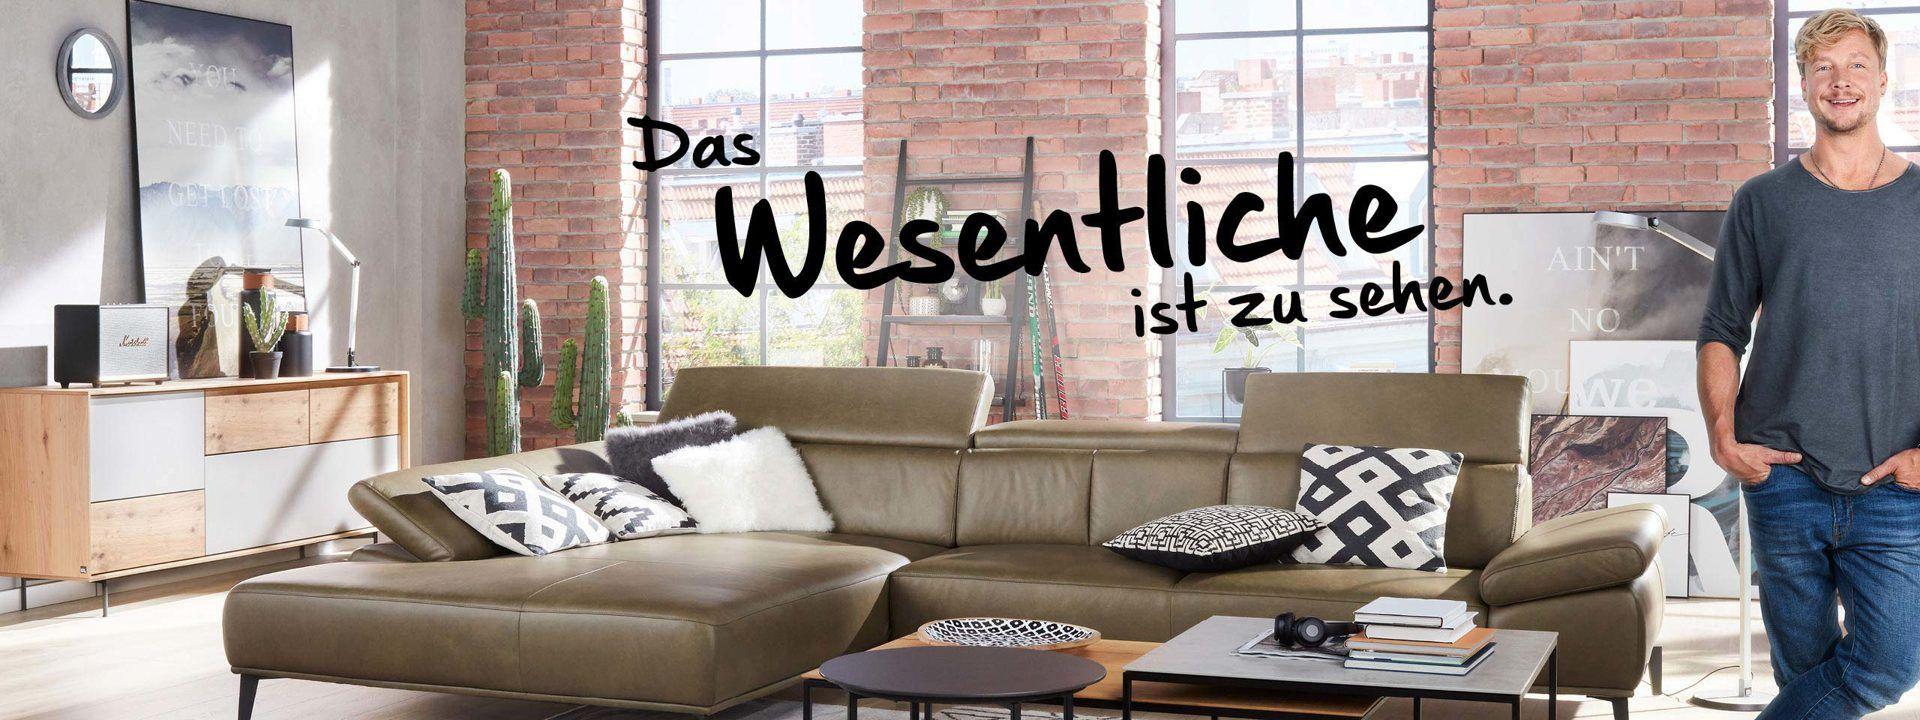 Interliving Com Der Interliving Online Shop Kuchen Mobel Kaufen Wohnzimmer Wohnzimmer Wohnzimmer Kuchen Mobel